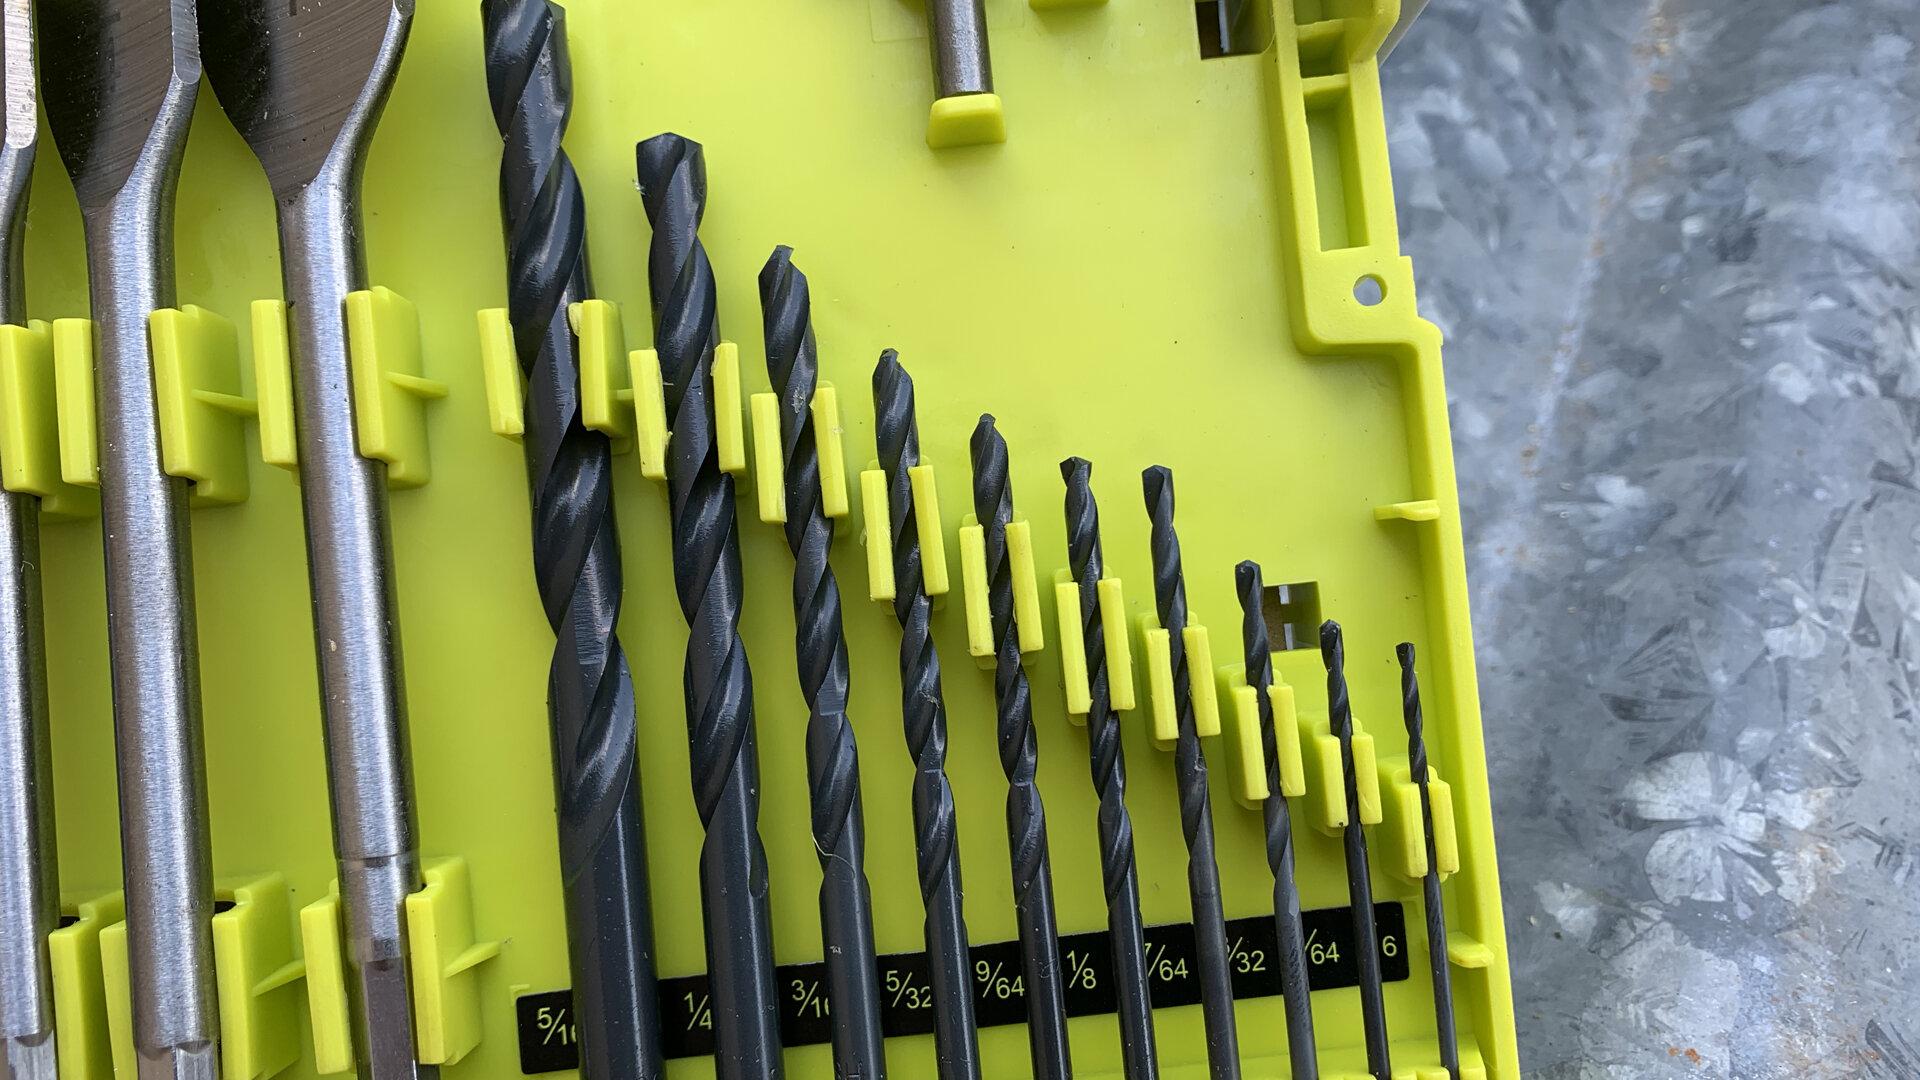 ryobi-31-bit-set-drill-bits.jpg